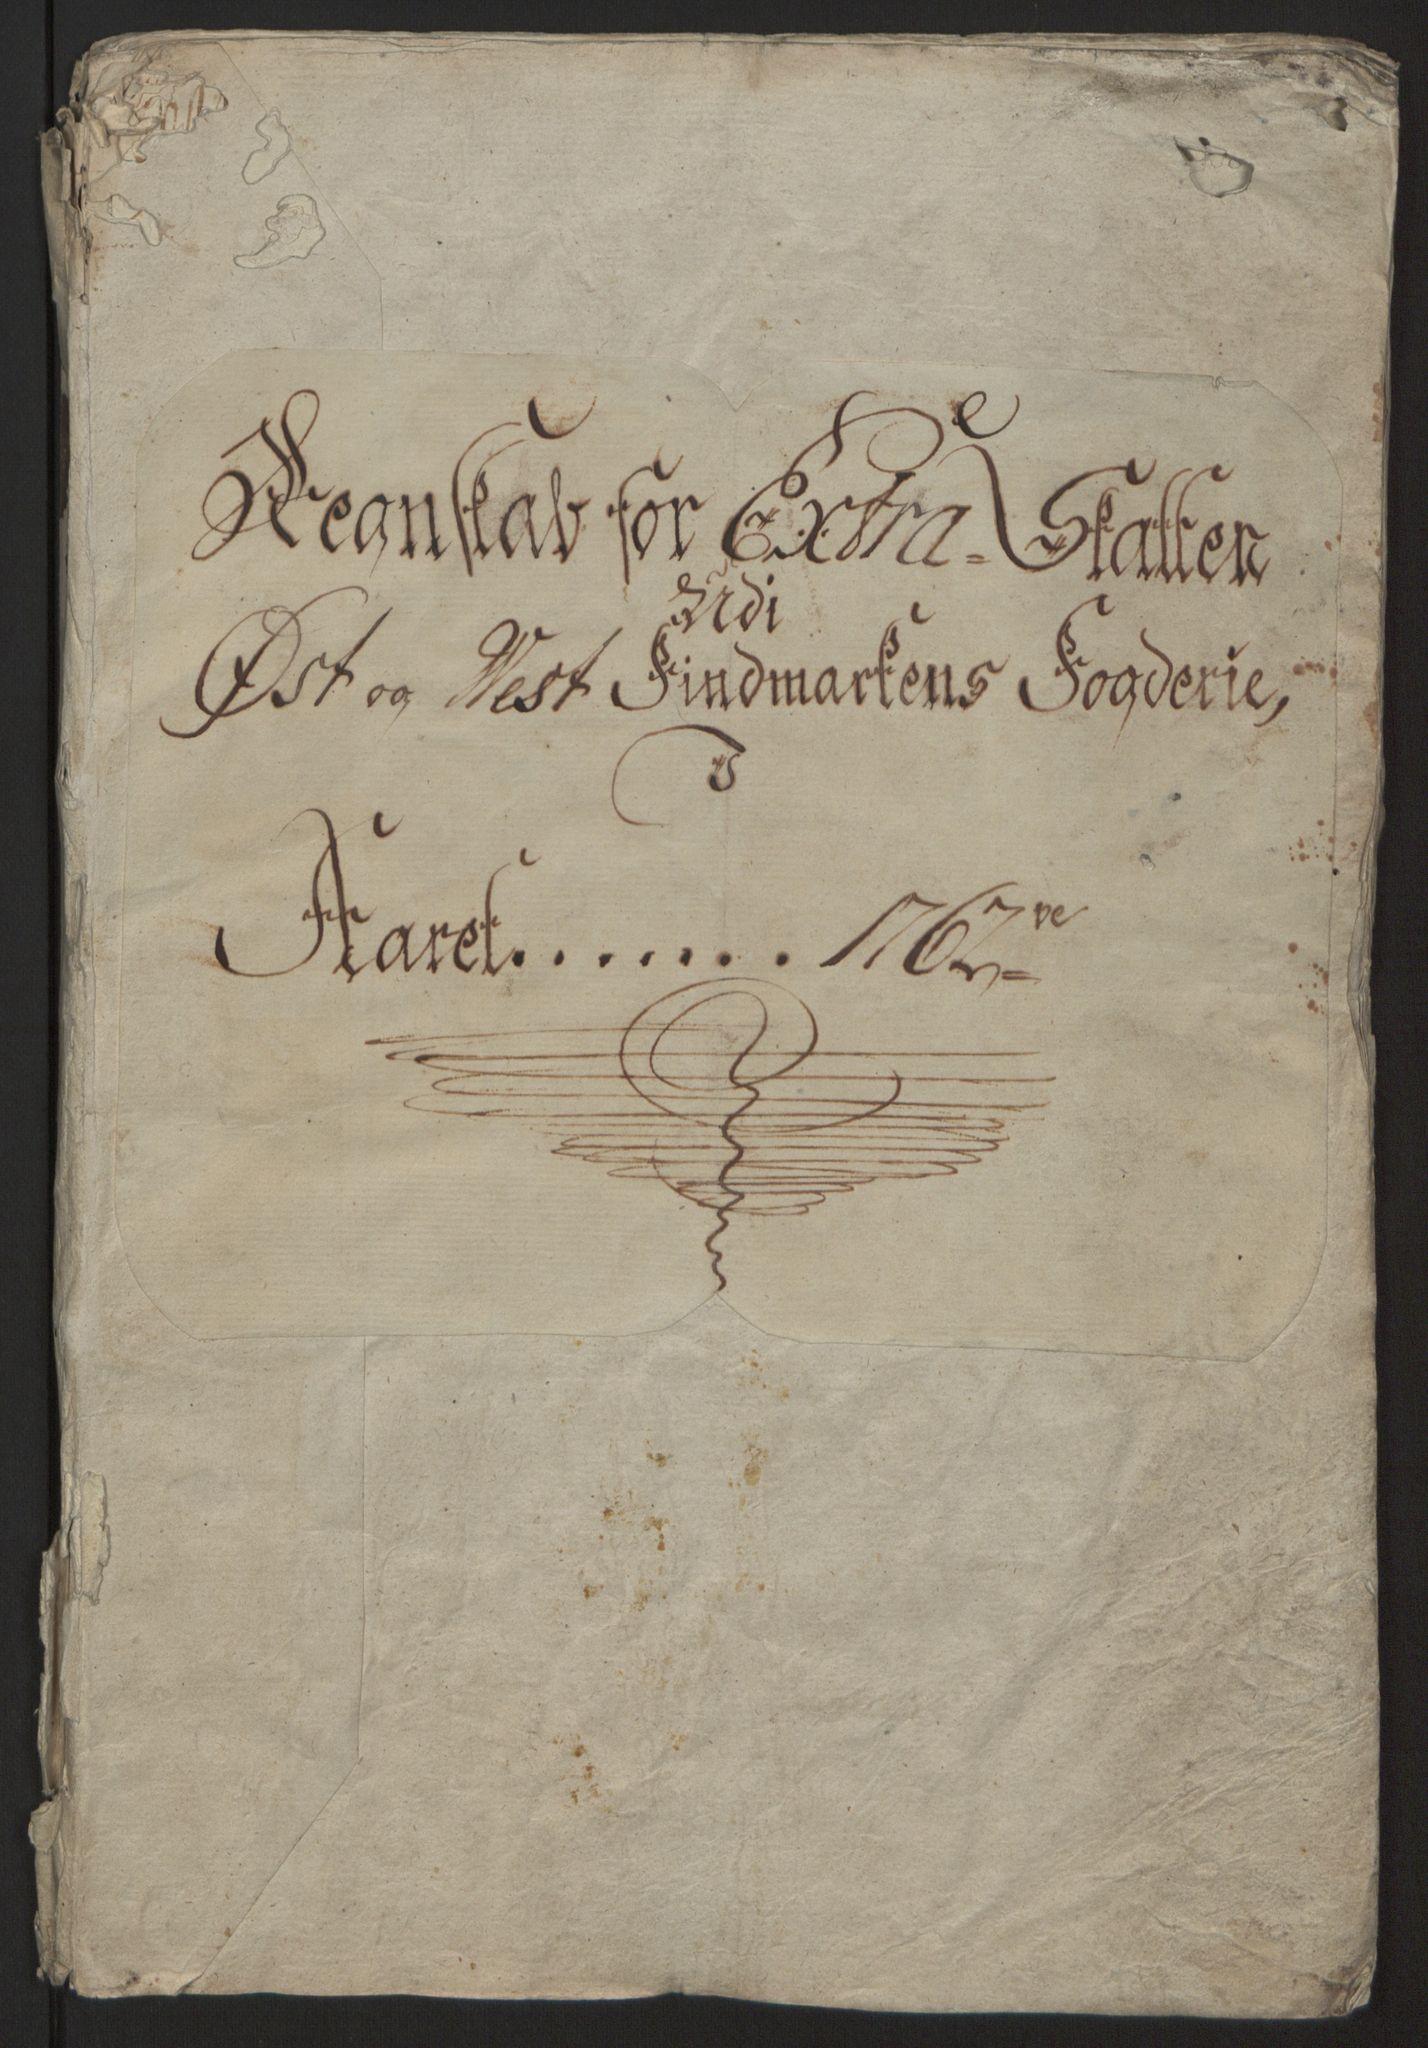 RA, Rentekammeret inntil 1814, Reviderte regnskaper, Fogderegnskap, R69/L4910: Ekstraskatten  Finnmark/Vardøhus, 1762-1772, s. 5